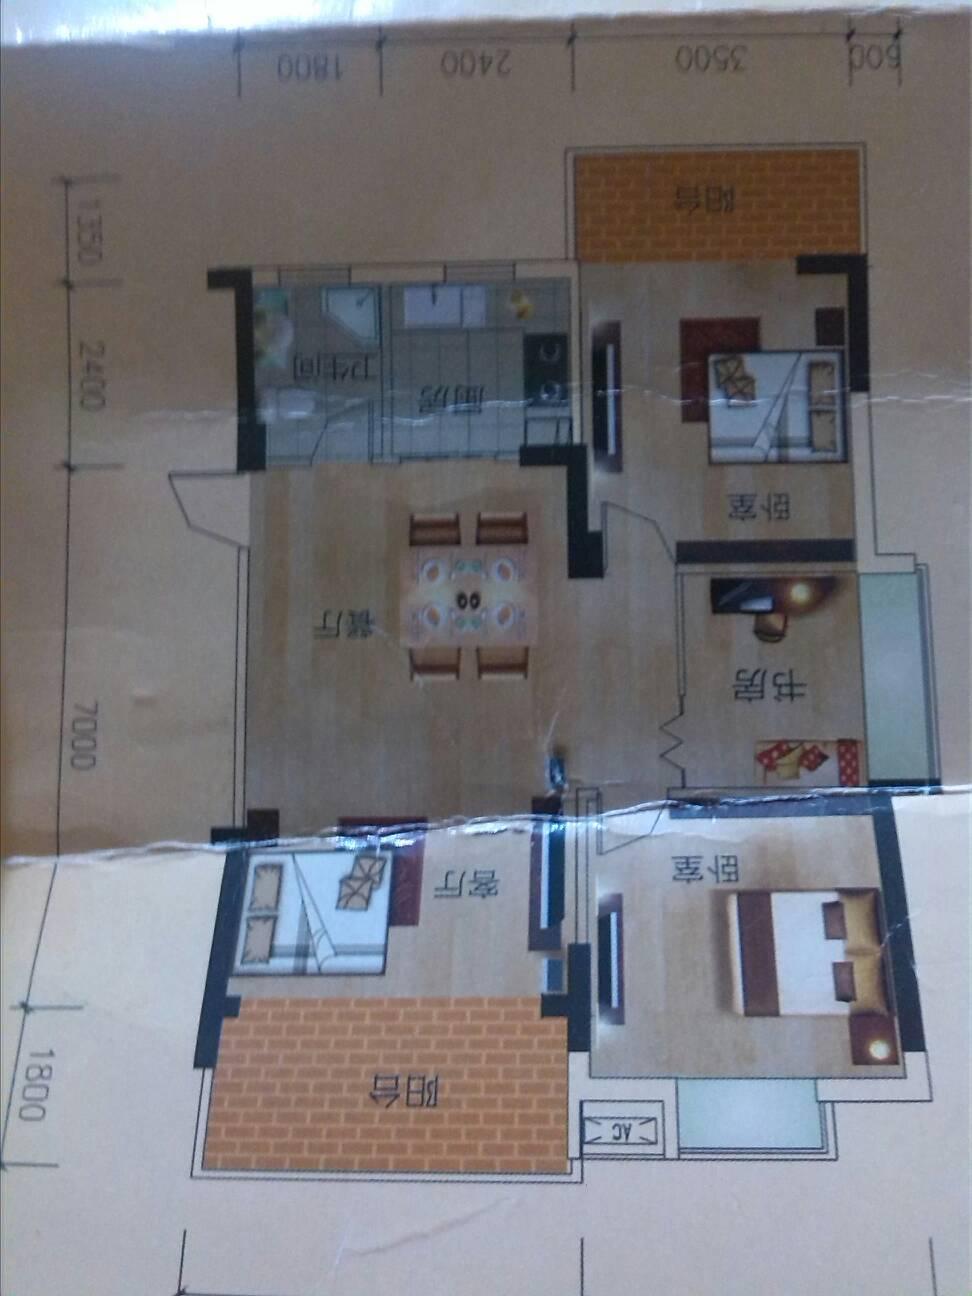 60平方房子设计图-60平方米房子效果图-农村60平米房屋设计图-60平方图片